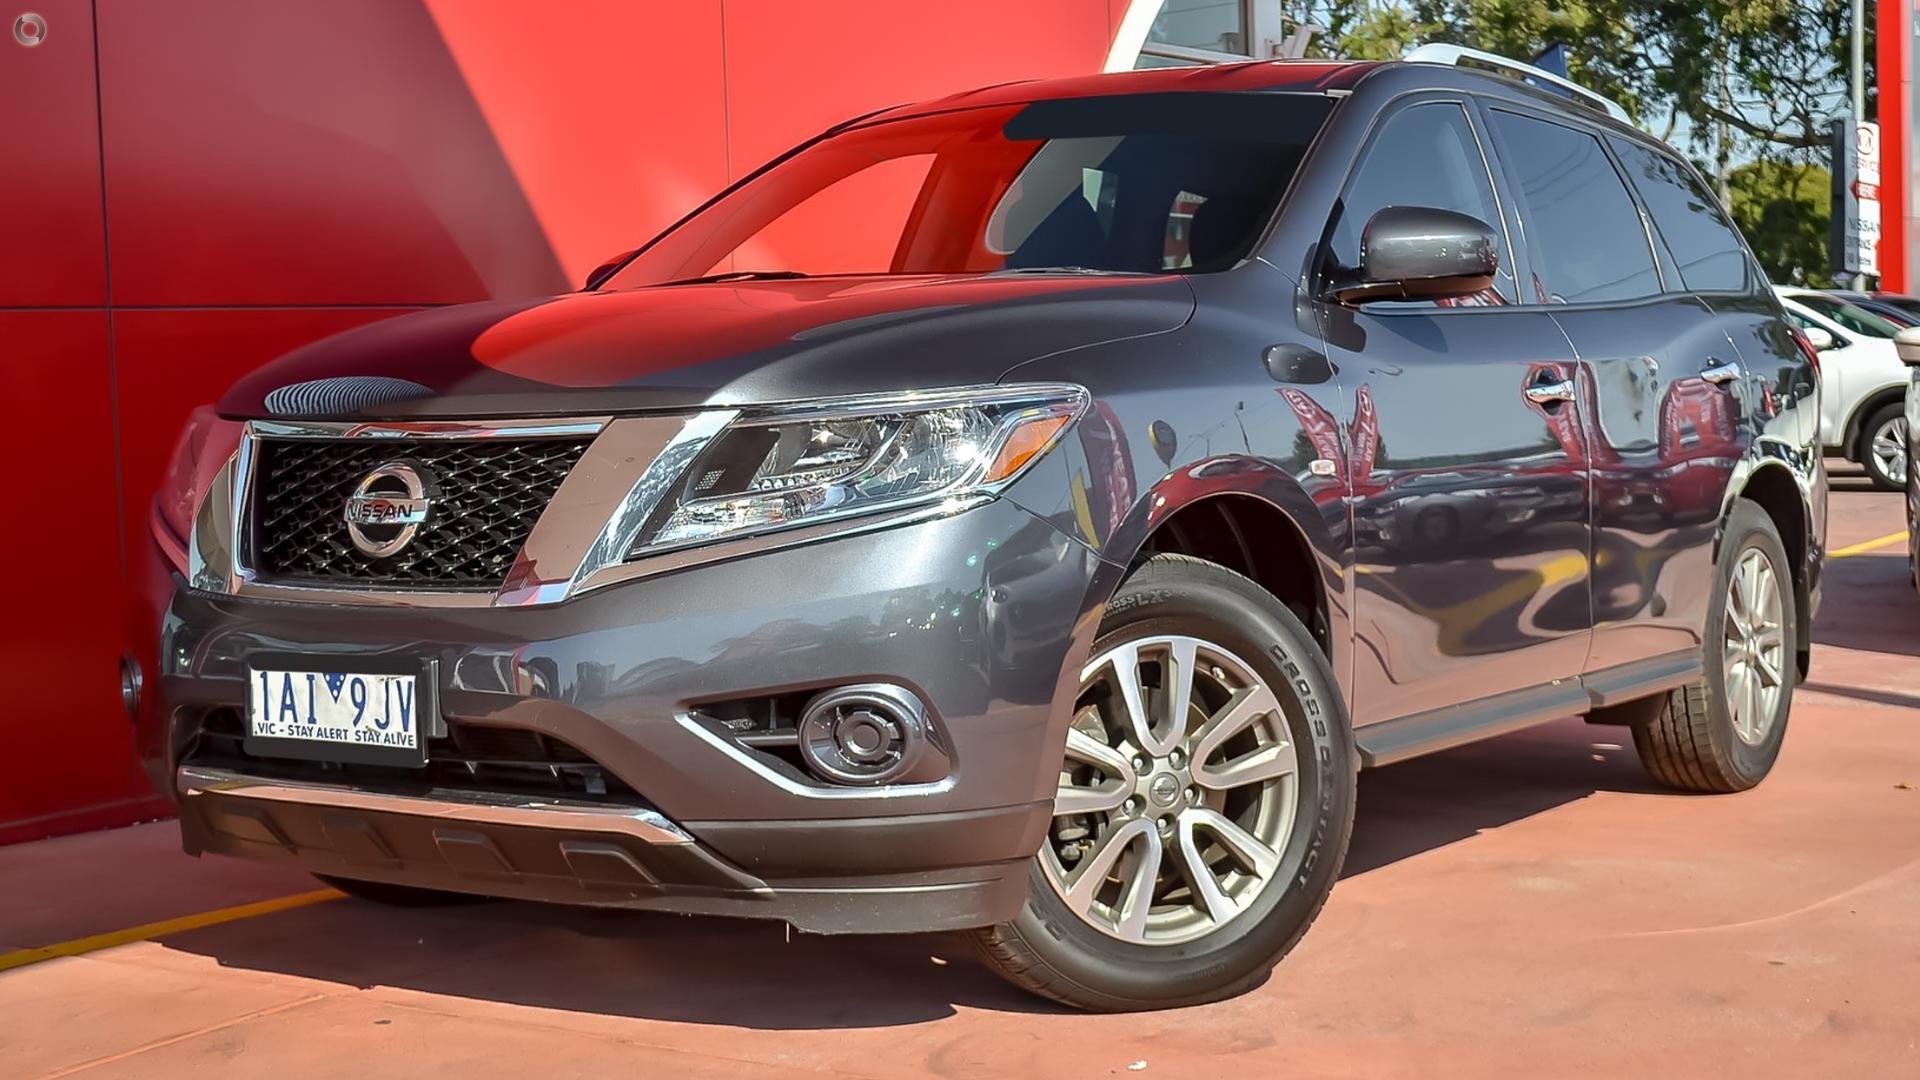 2013 Nissan Pathfinder R52